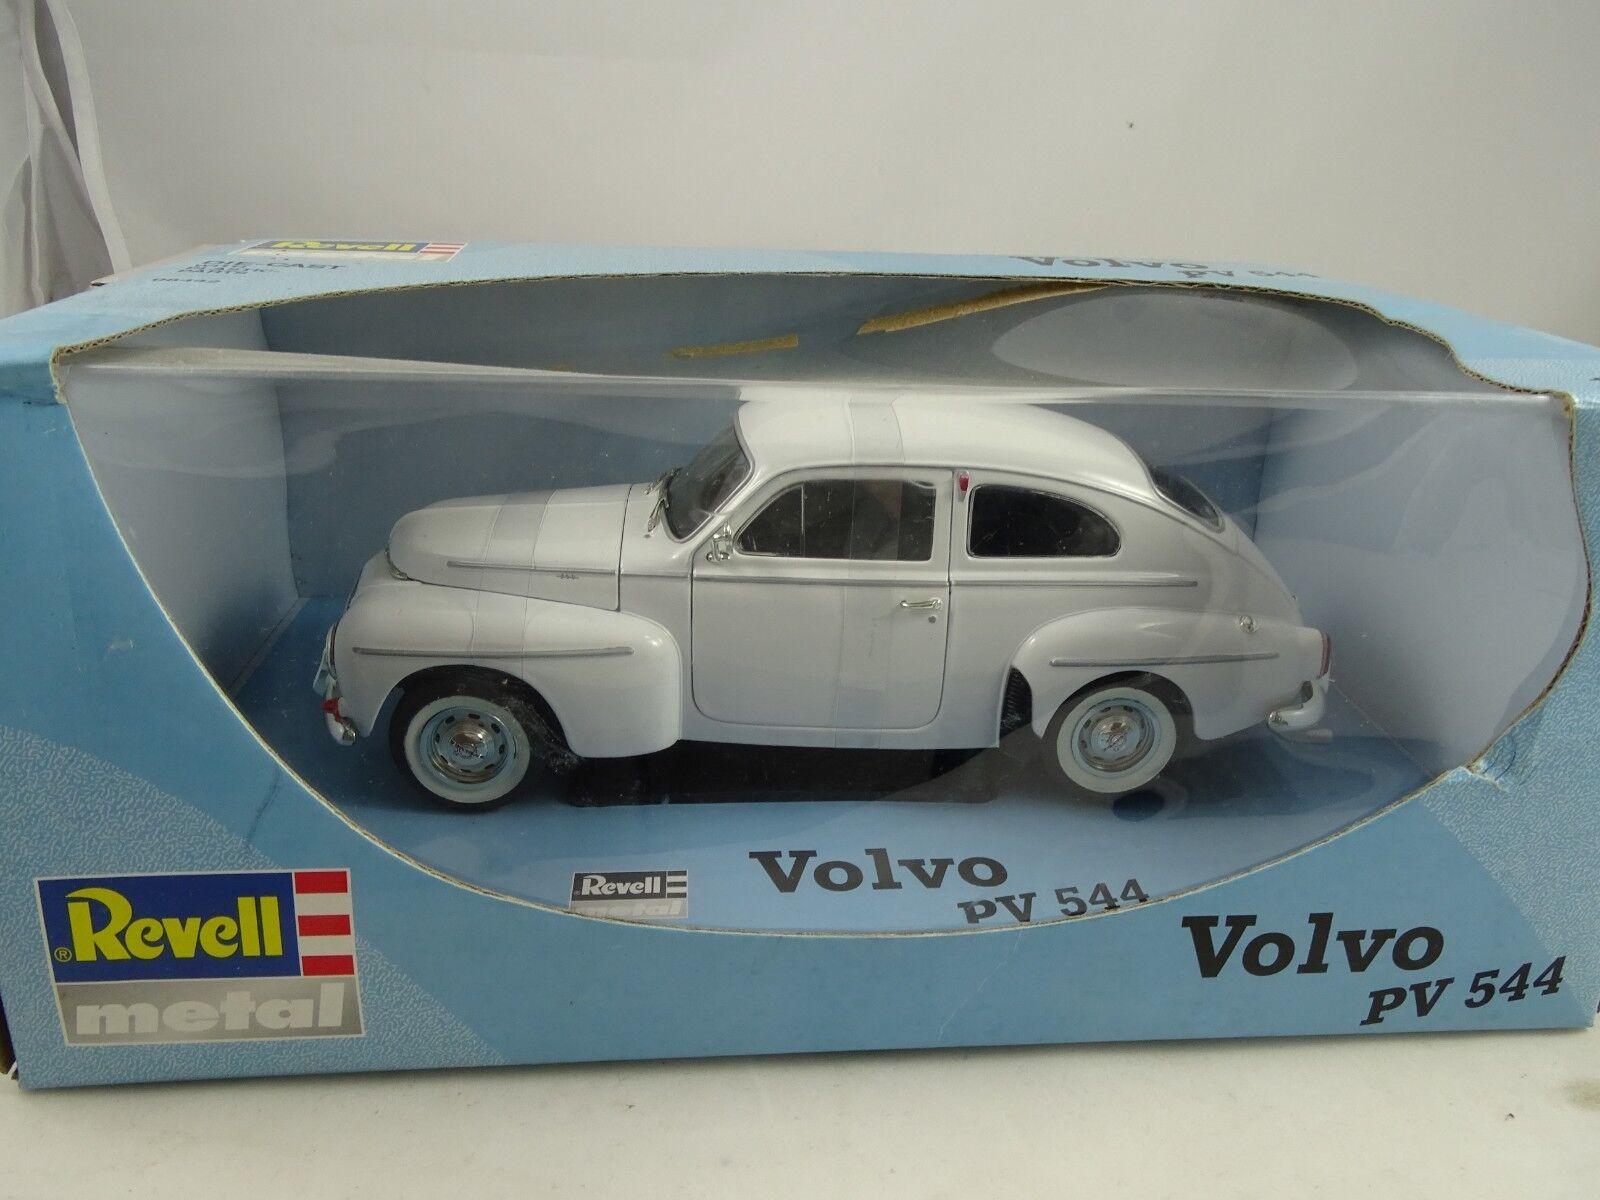 artículos novedosos 1 18 Revell  08442 Volvo PV 544 544 544 blancoo - Rareza  barato y de alta calidad